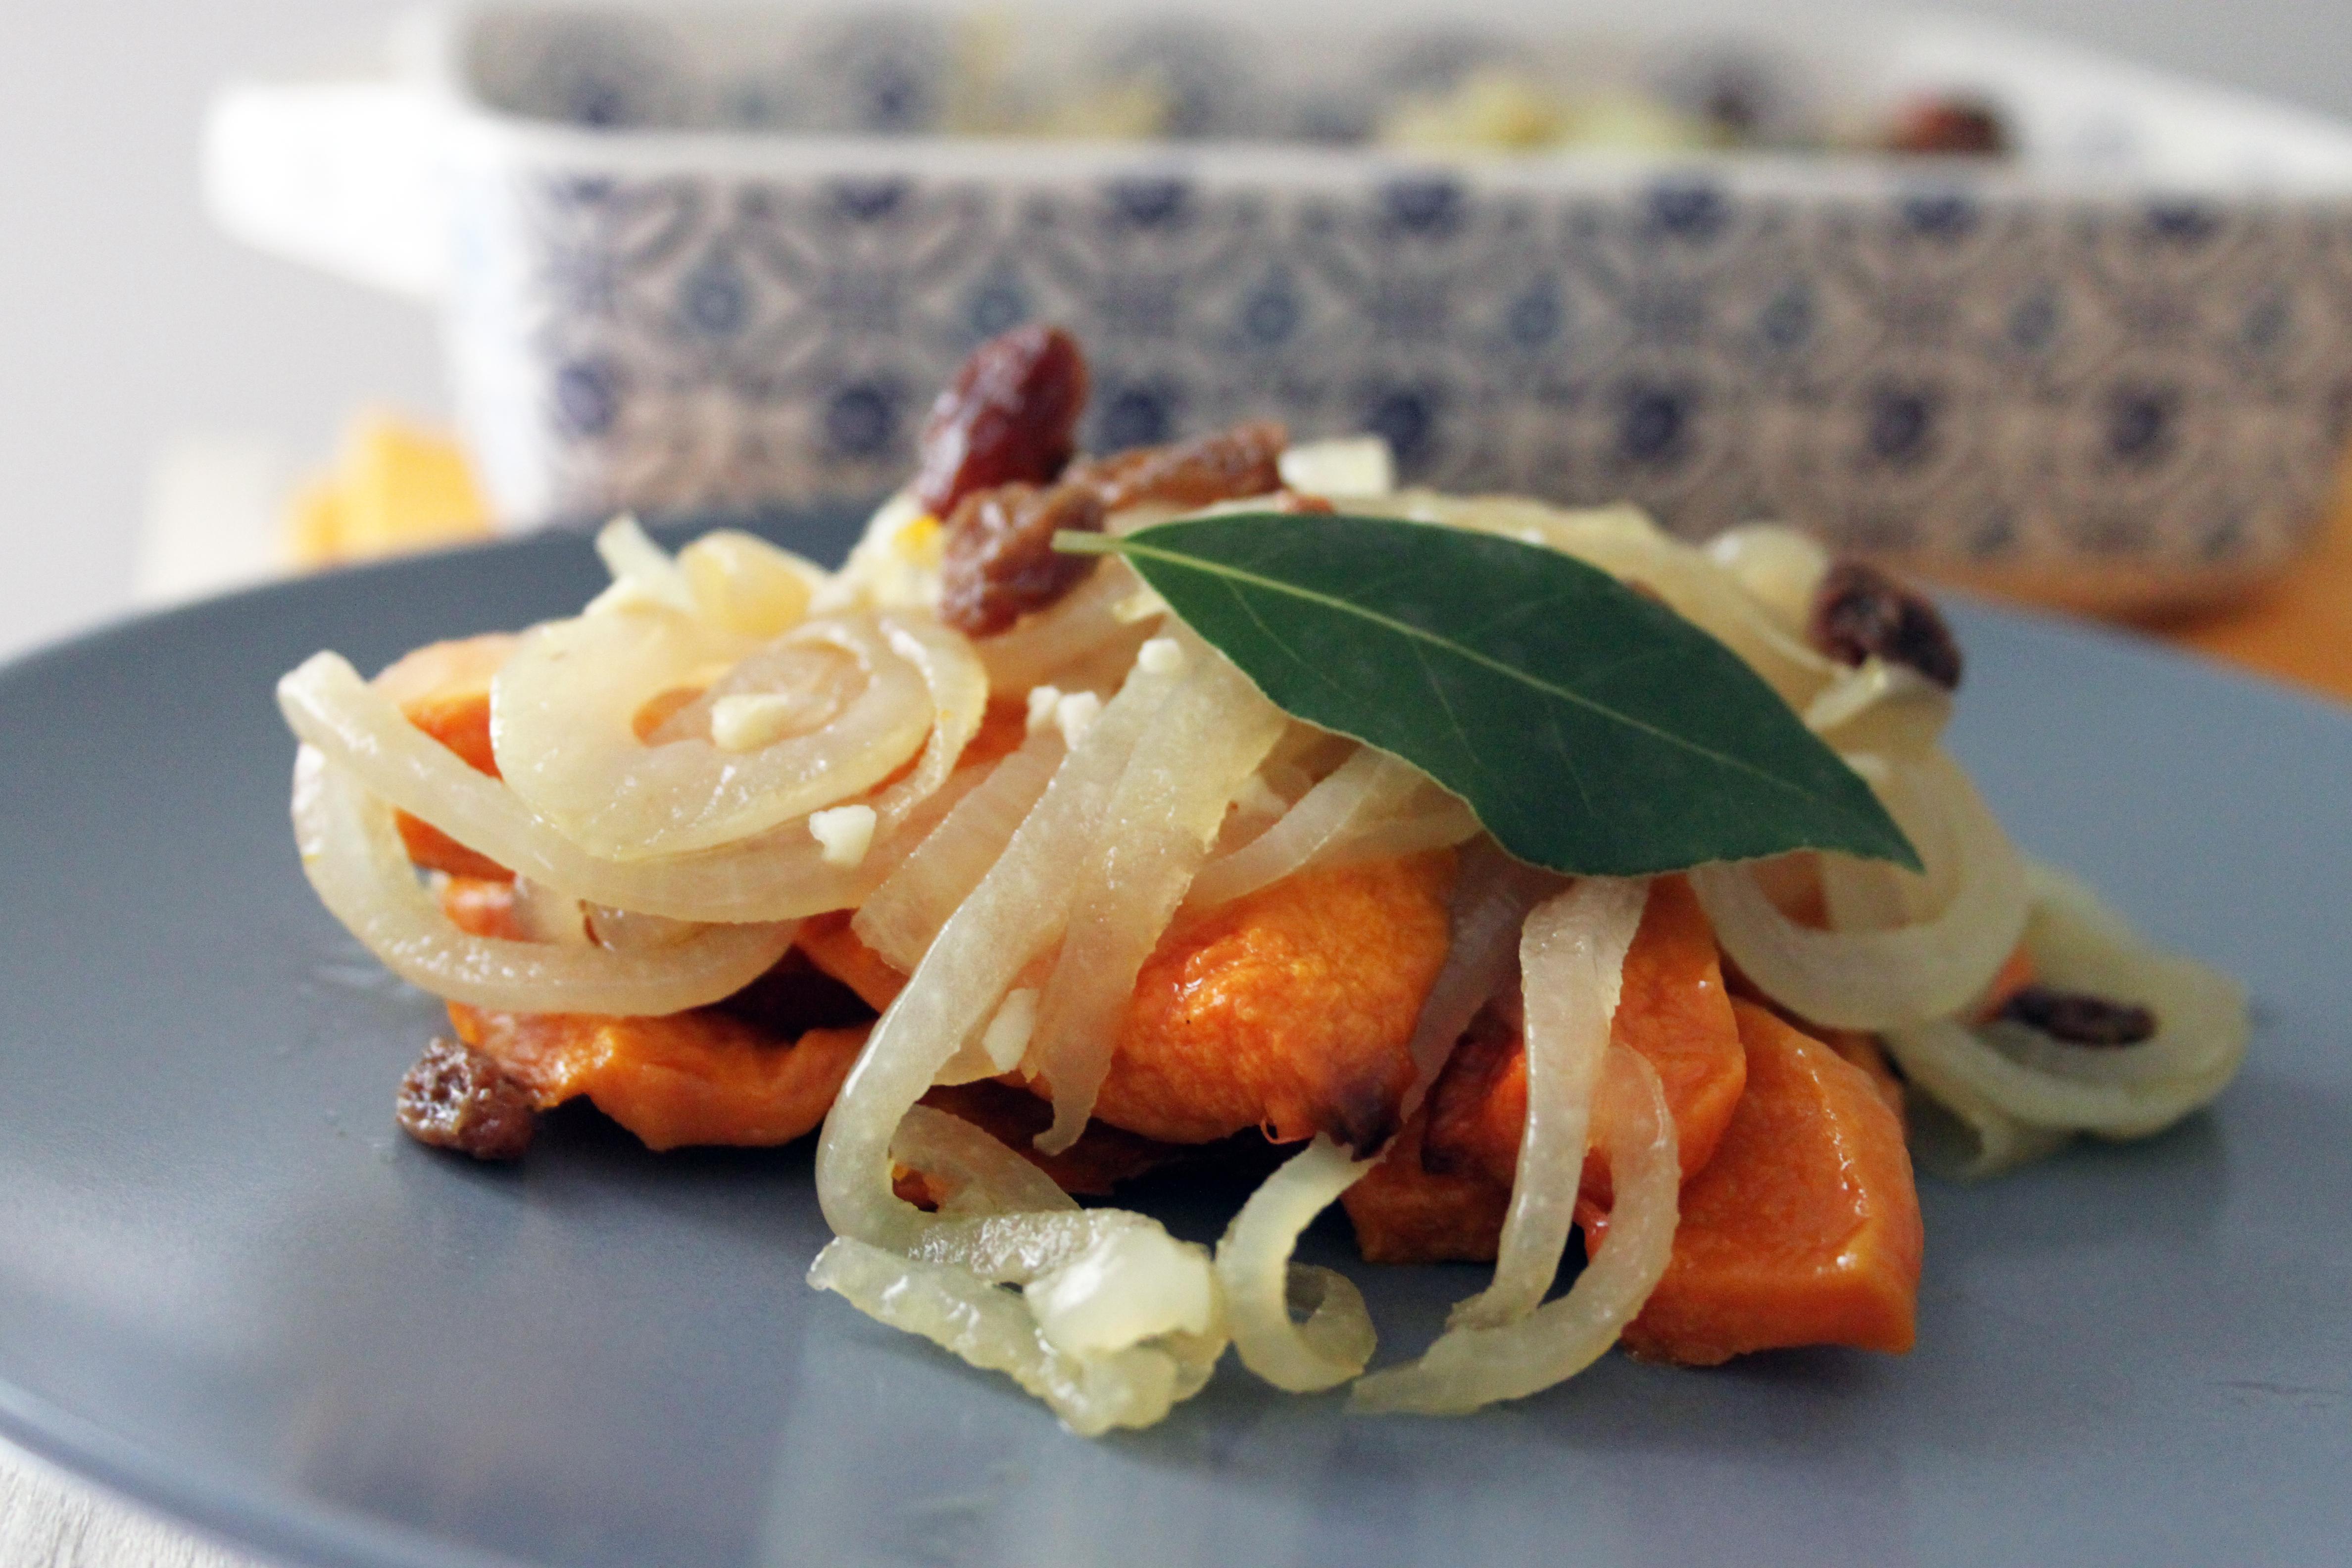 Pranzo Ufficio Vegano : Ricette facili per il pranzo vegano in ufficio e fuori casa